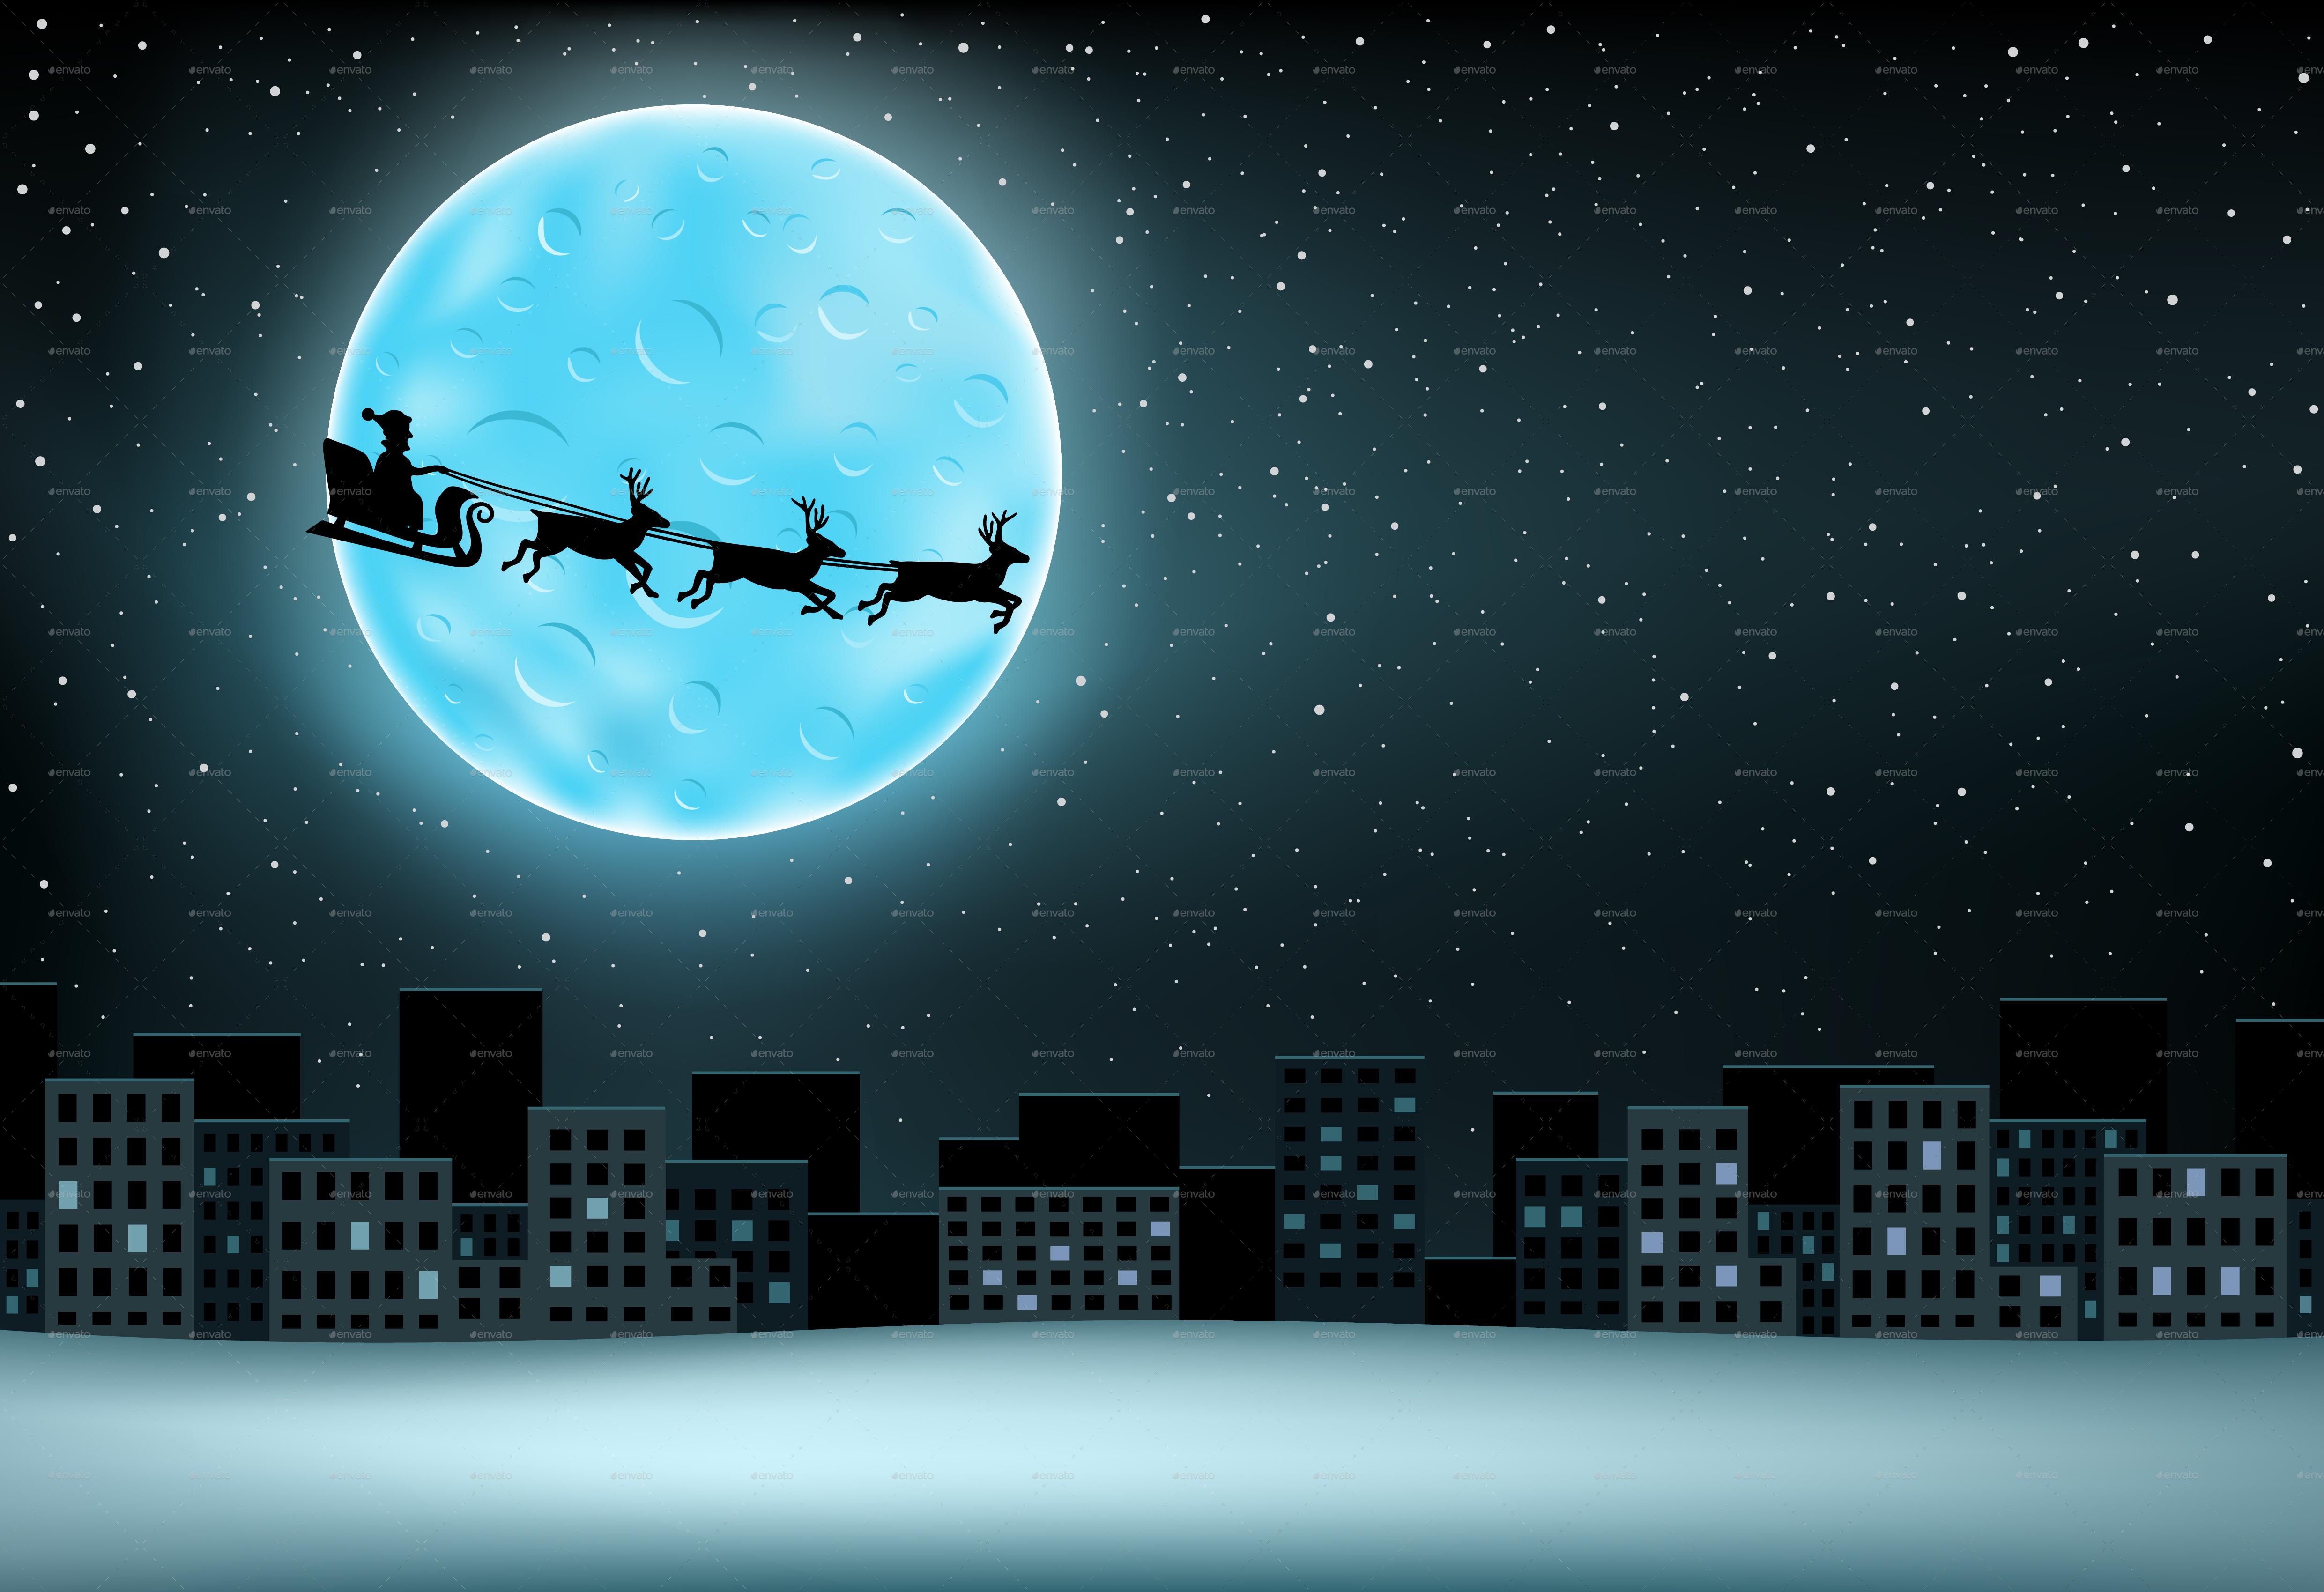 santa flying moon city by romvo